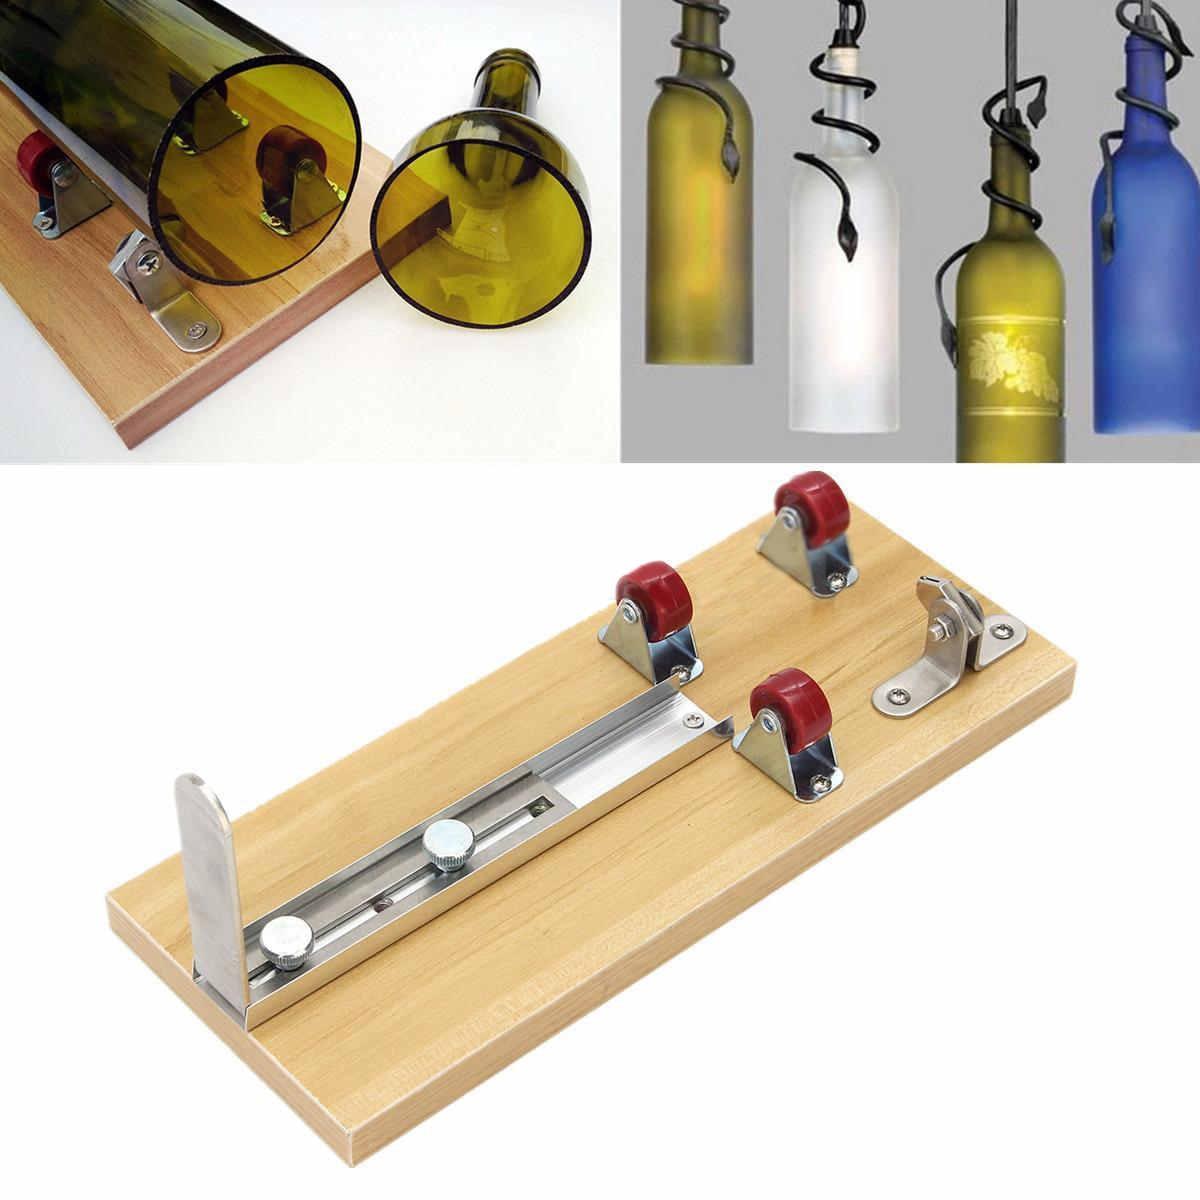 Uncategorized Bottle Cutter Diy mayitr glass bottle cutter machine wine jar kit sculpture art cutting tool diy recycle in from